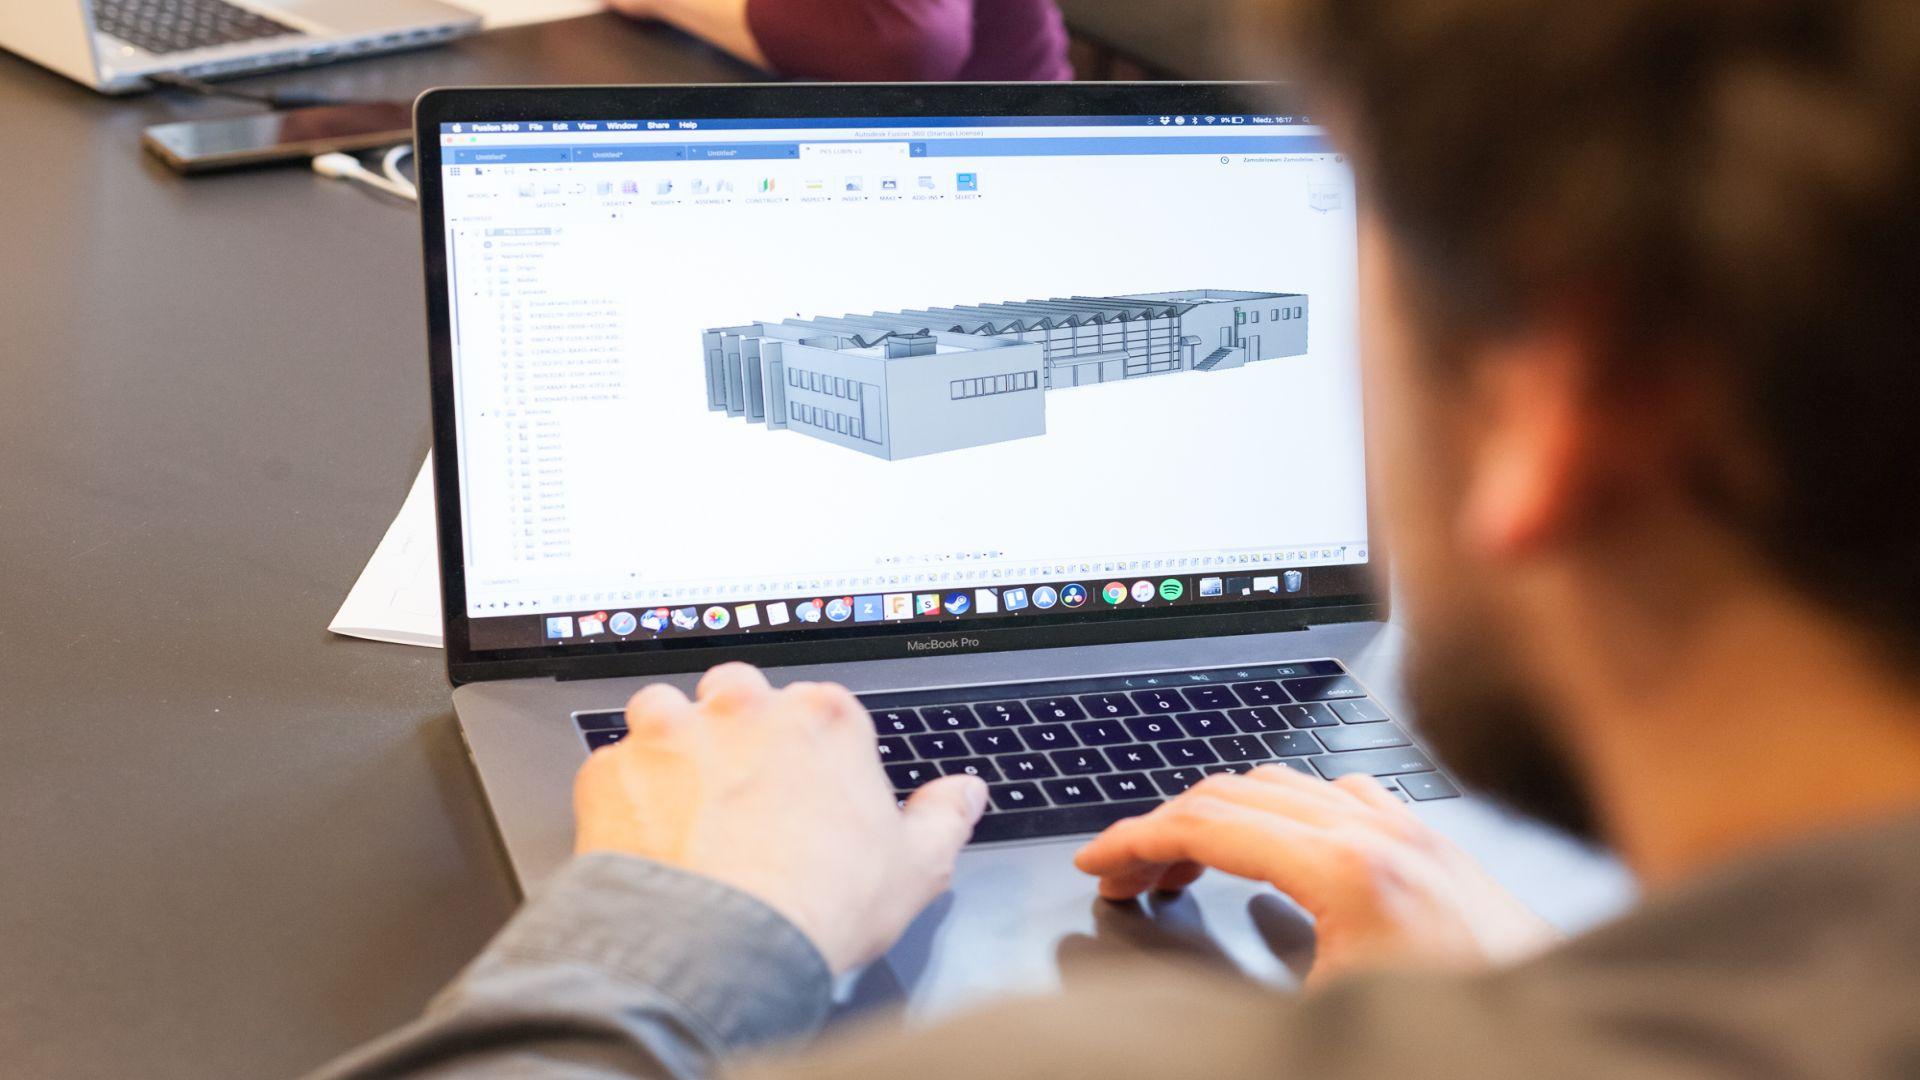 Zdjęcie ilustracyjne. Mężczyzna widziany z tyłu pracuje na laptopie, projektując budynek.